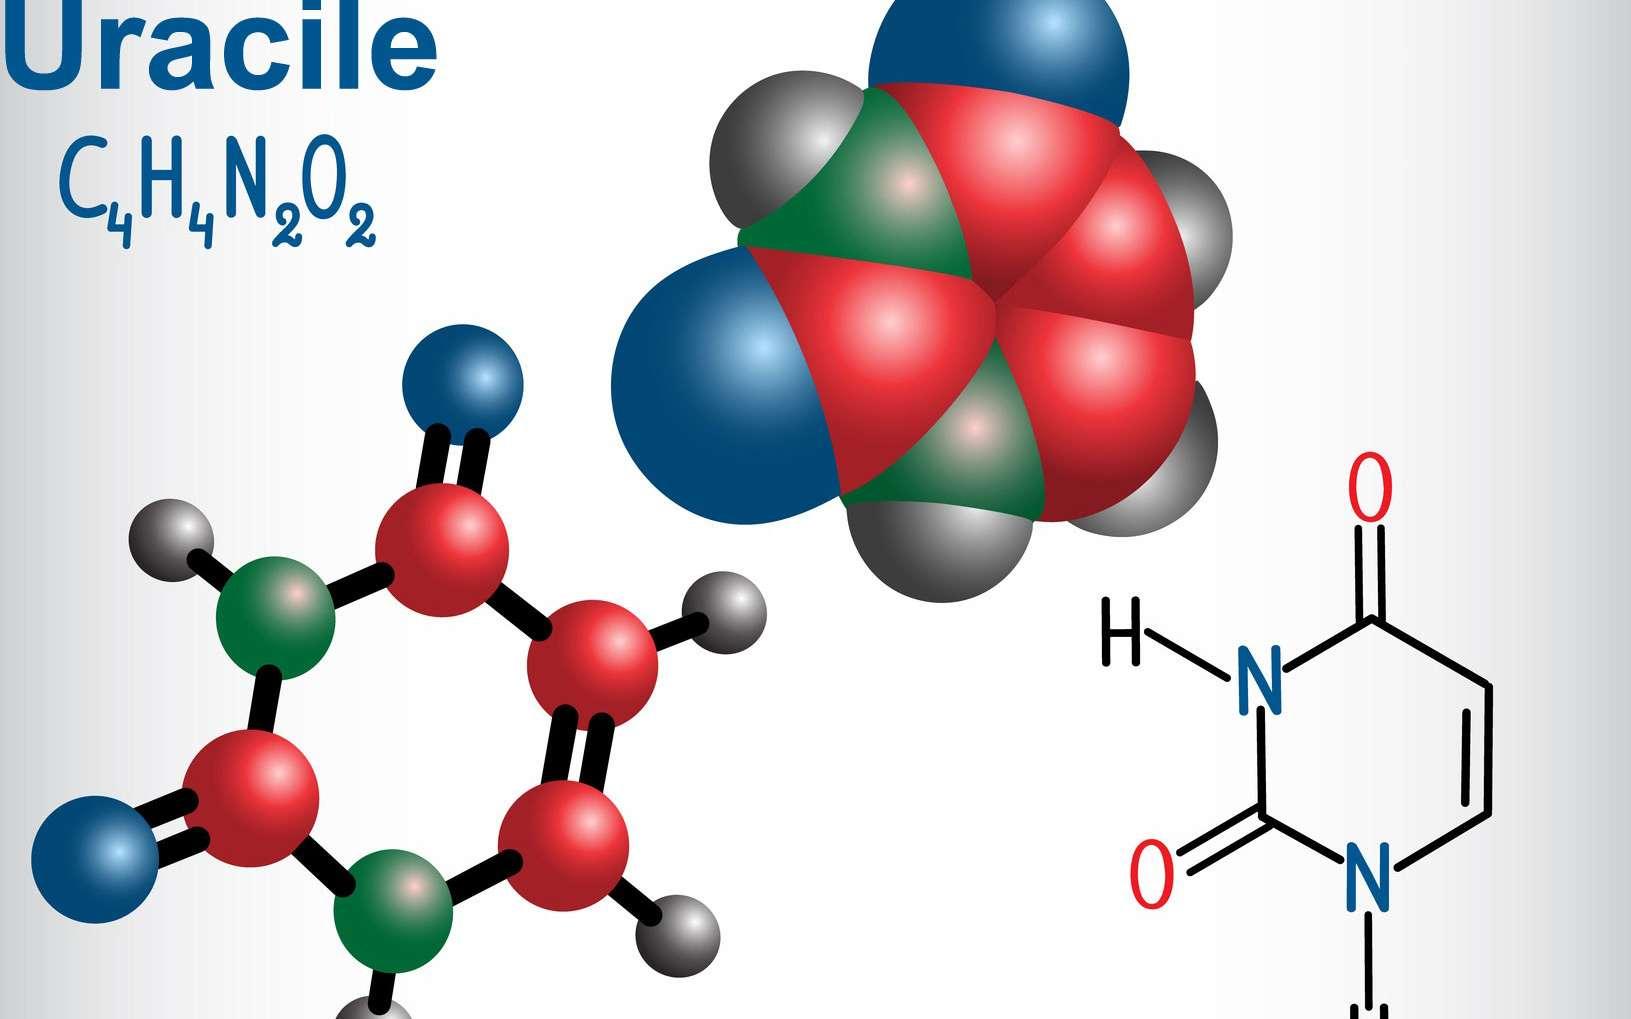 L'uracile est une base pyrimidique avec un noyau aromatique. © bacsica, Fotolia